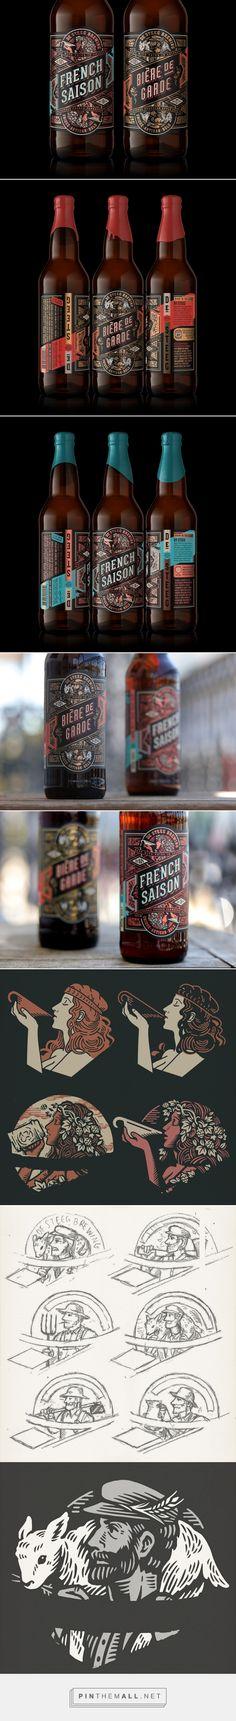 De Steeg Brewing beer packaging design by TILT - http://www.packagingoftheworld.com/2017/04/de-steeg-brewing.html